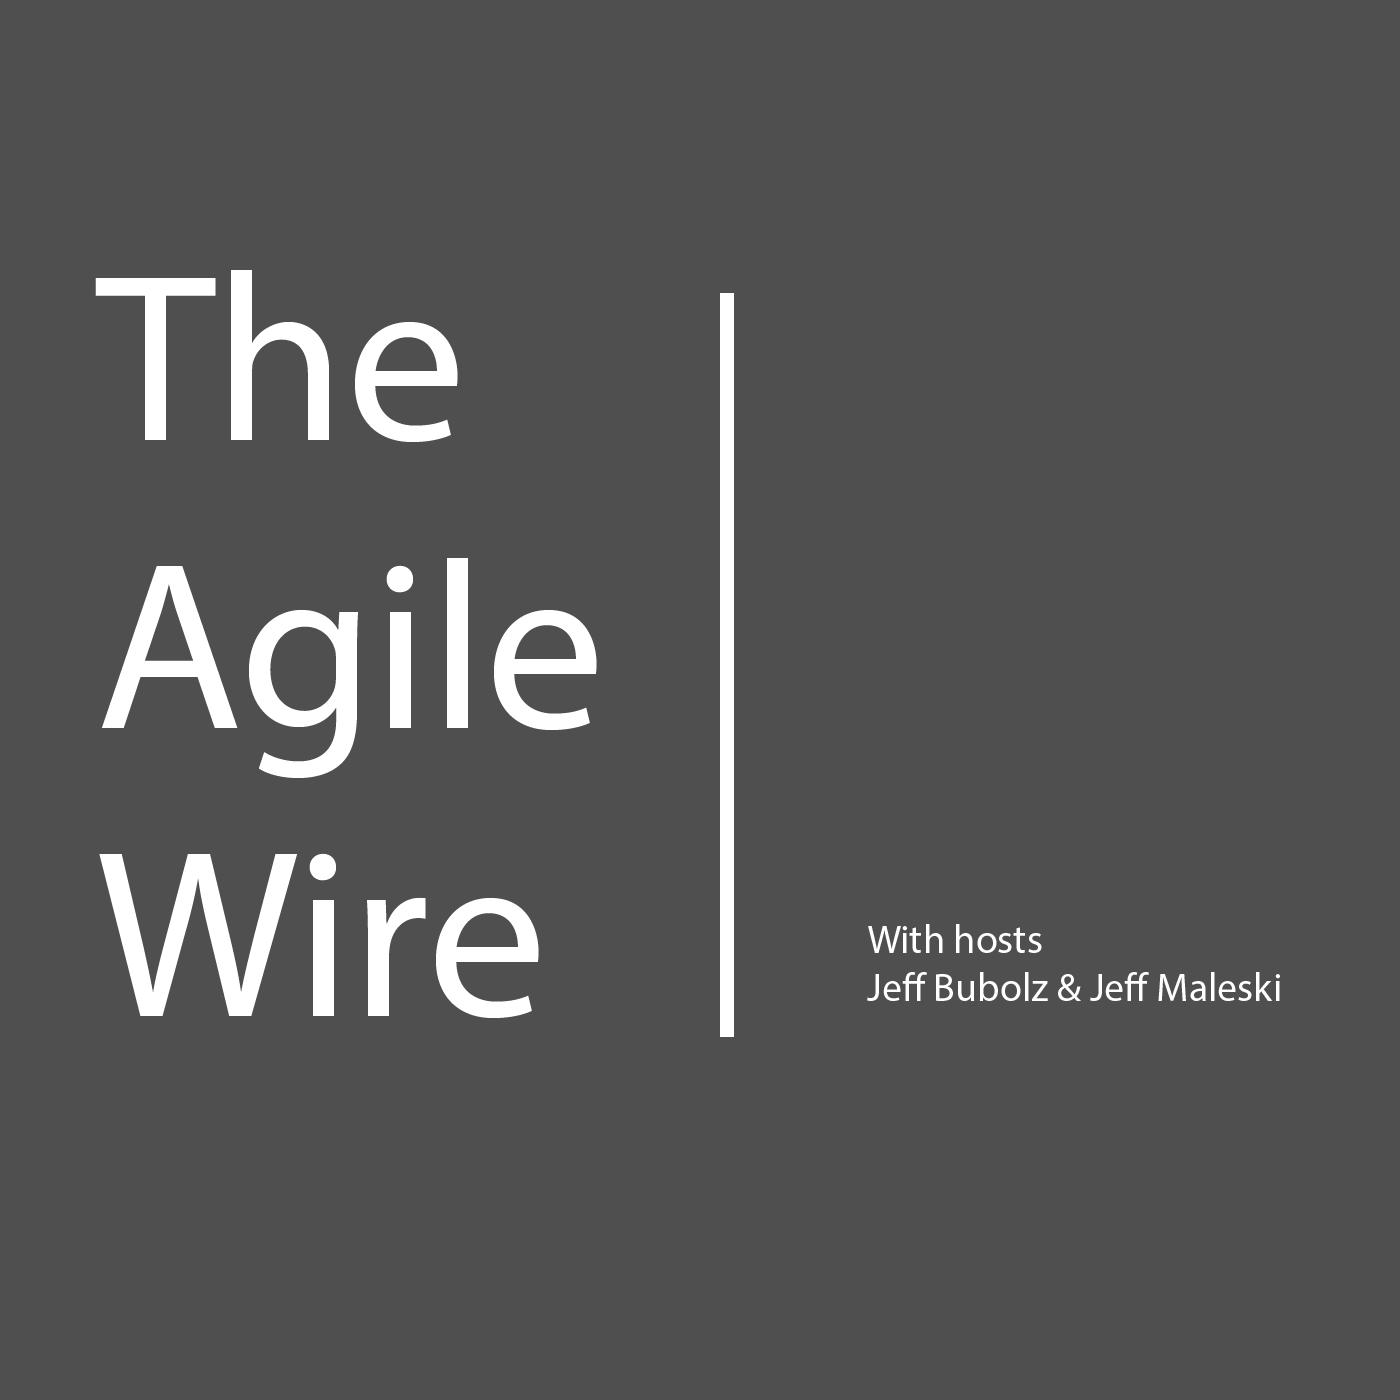 The Agile Wire show art